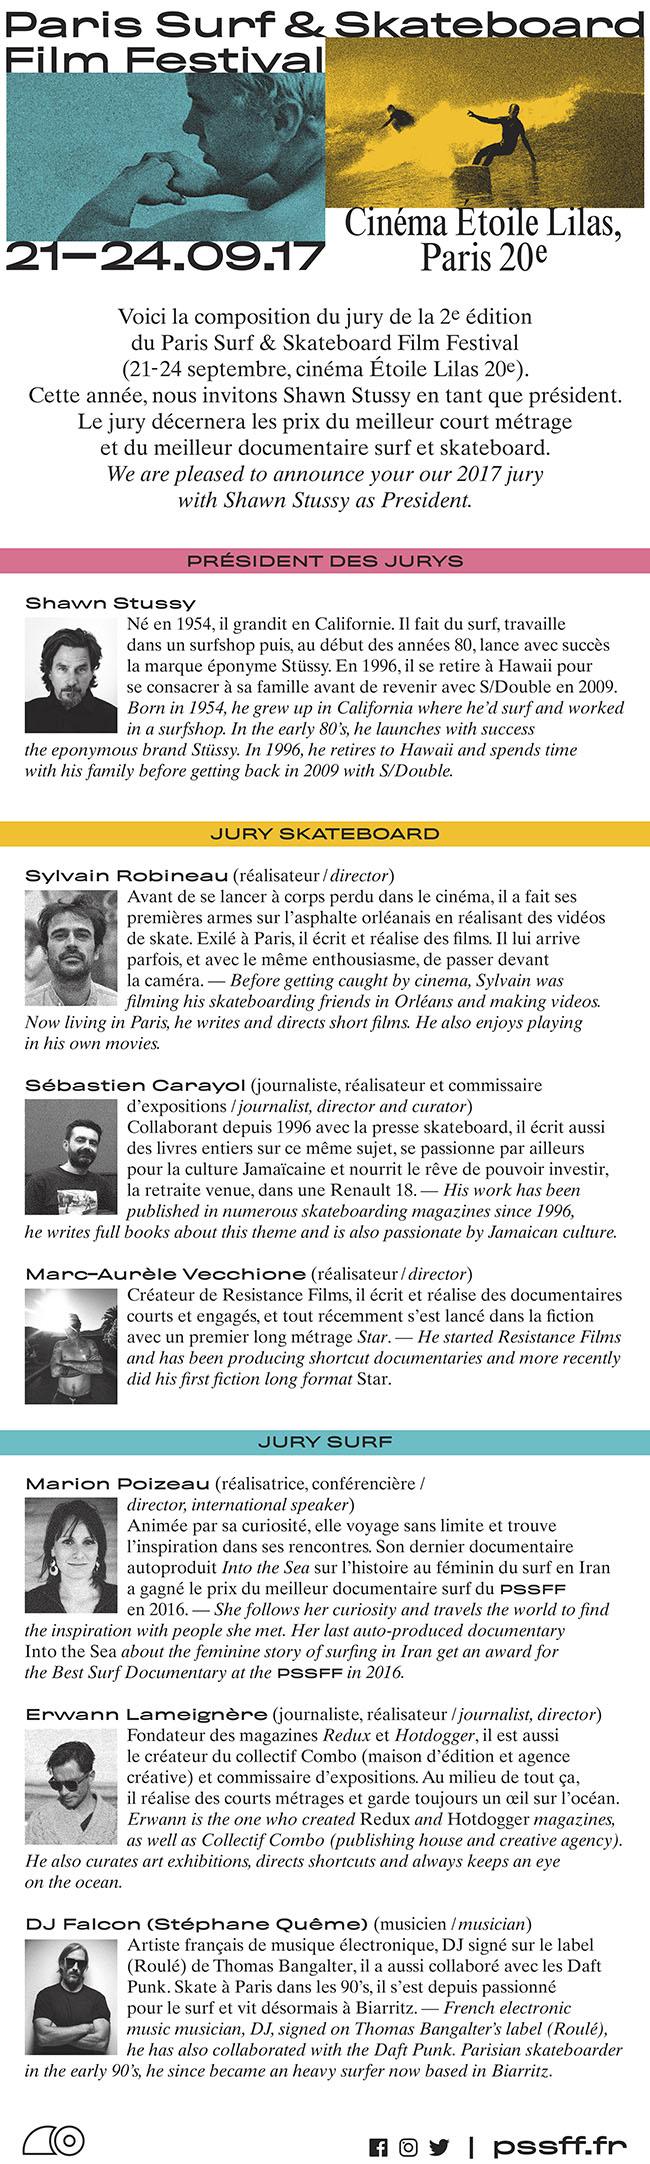 pssff17-jury